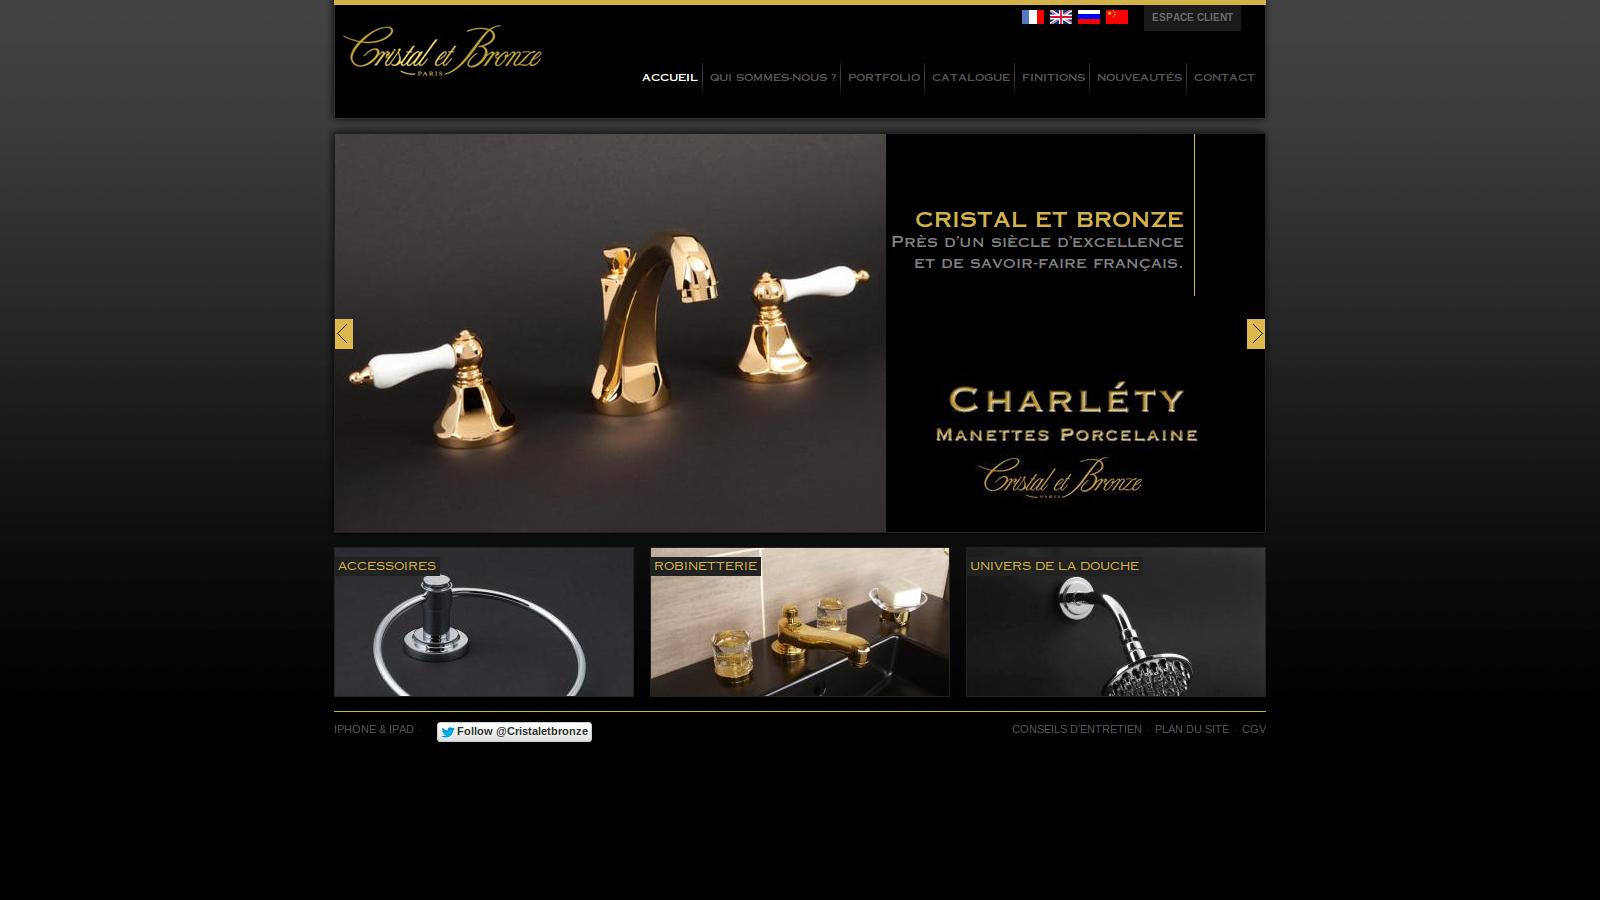 bargeo cr ation cristal et bronze bargeo cr ation. Black Bedroom Furniture Sets. Home Design Ideas